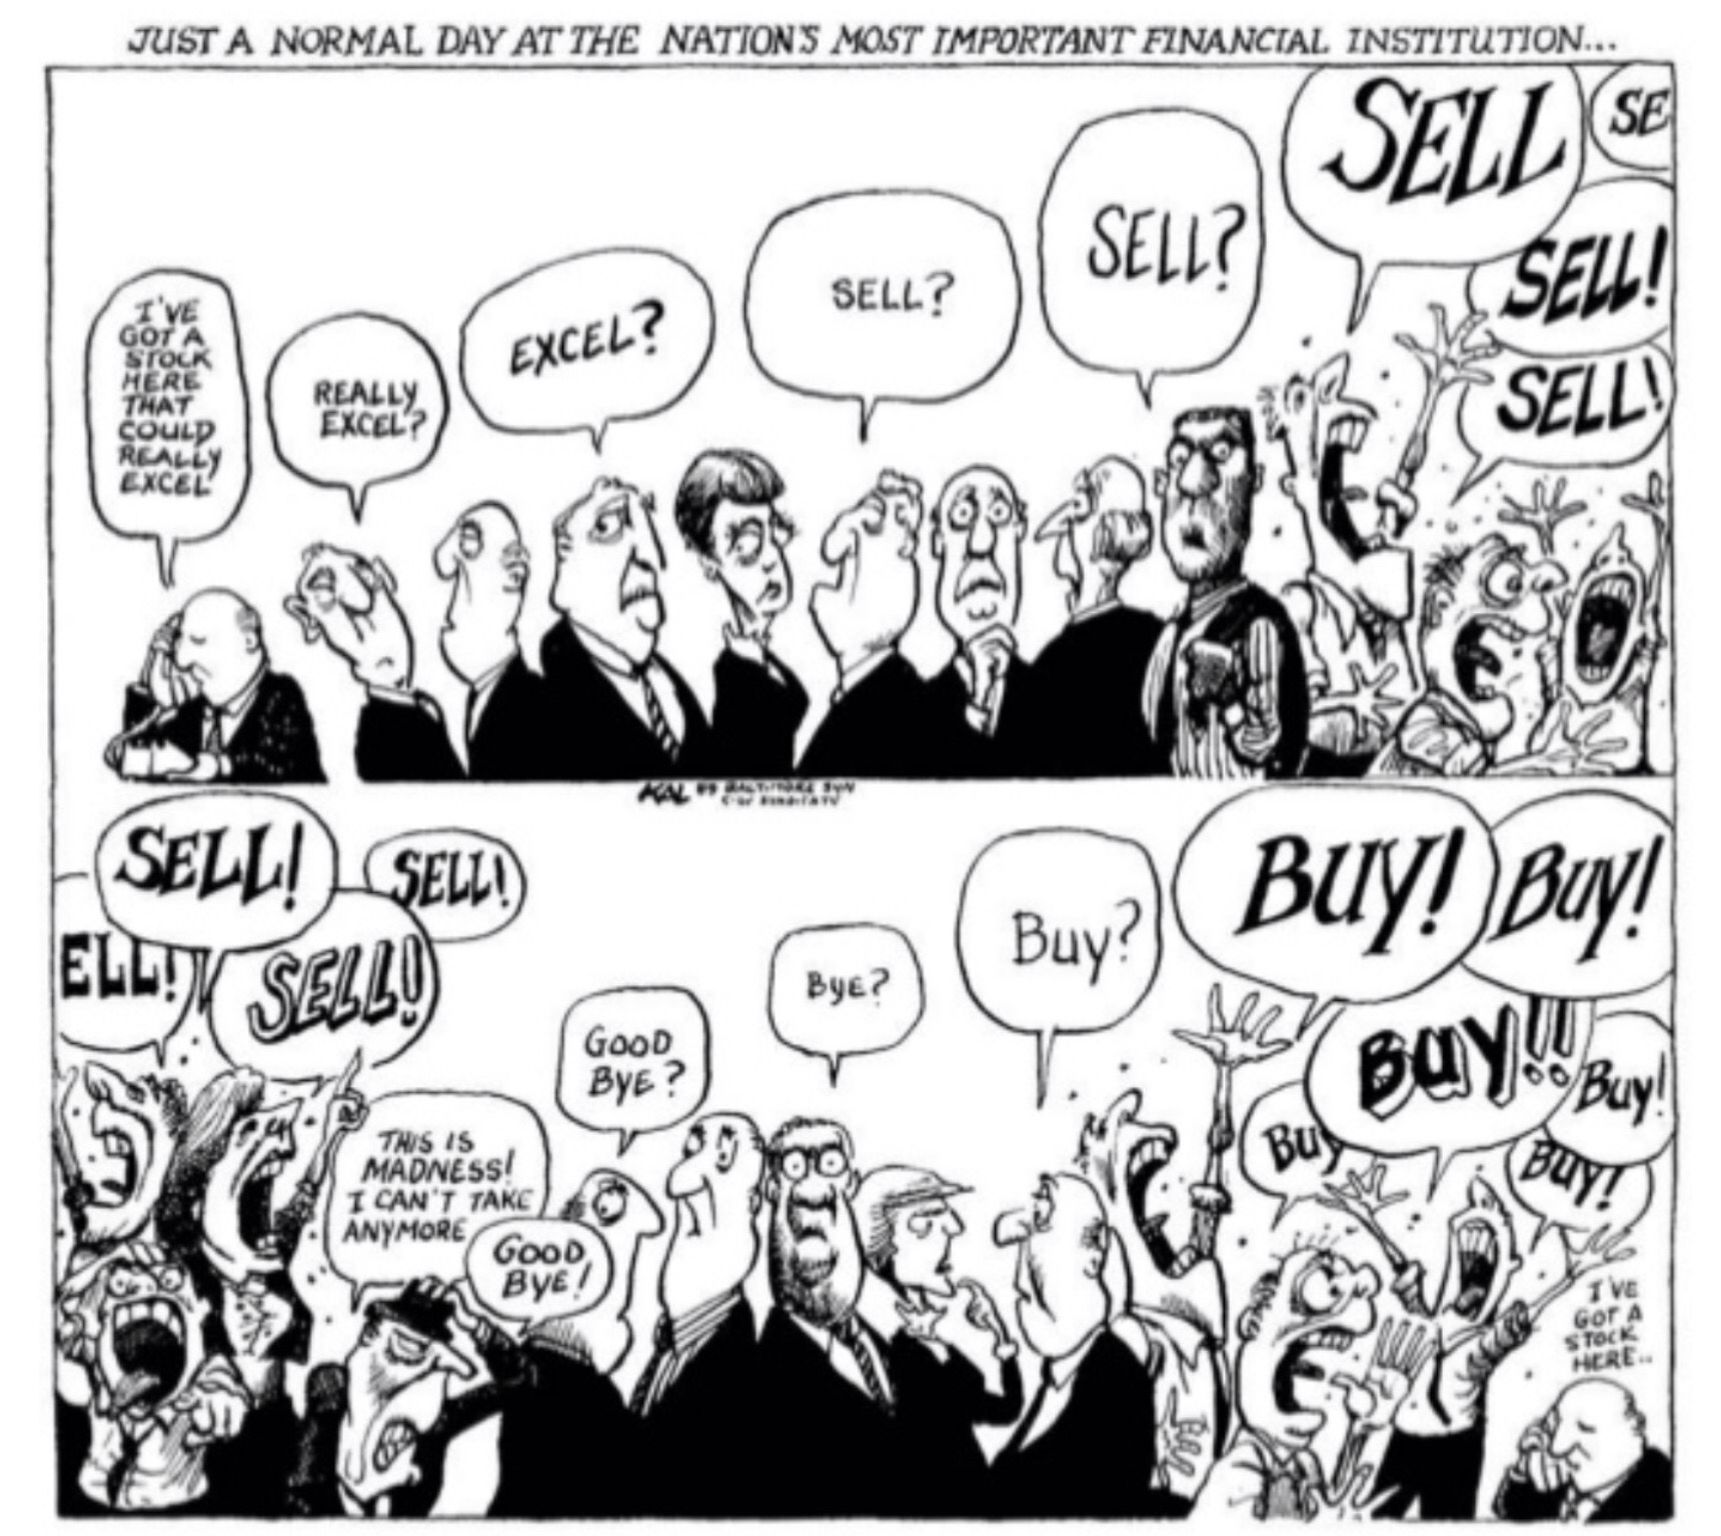 Börsenempfehlungen